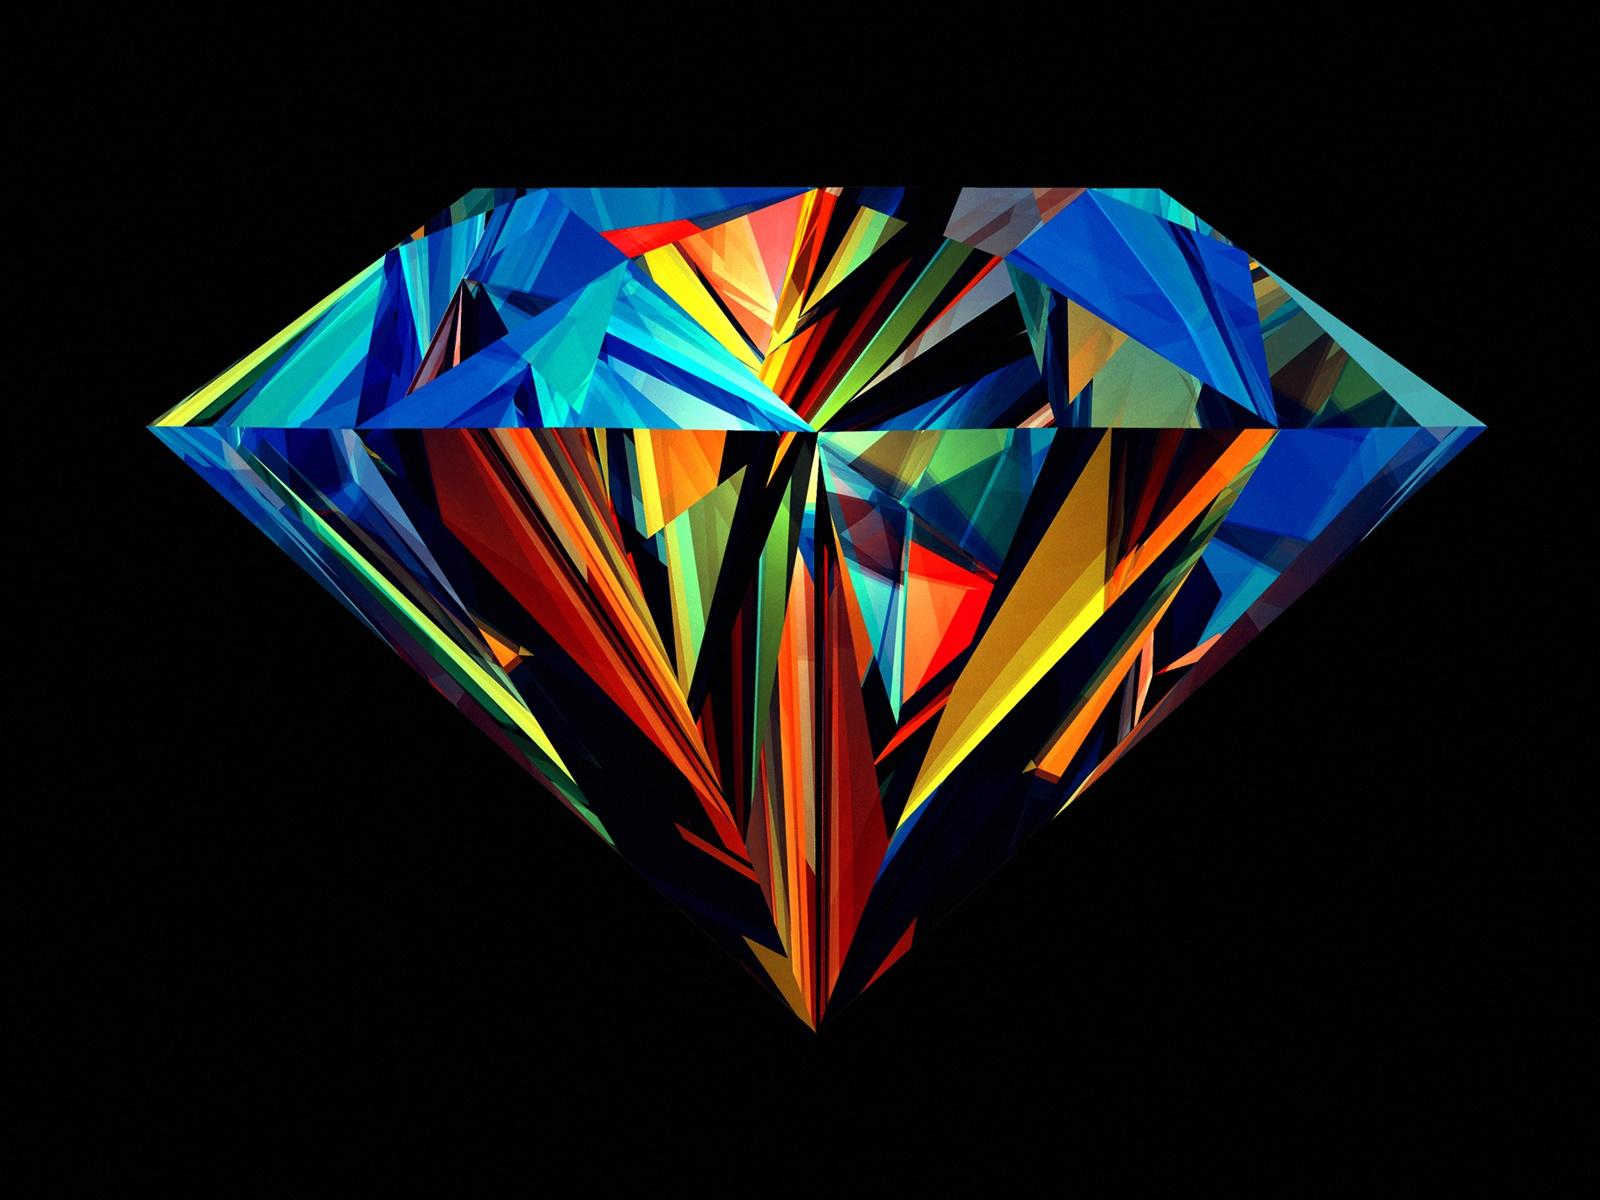 钻石美丽的颜色,黑色的背景 桌布 - 1600x1200